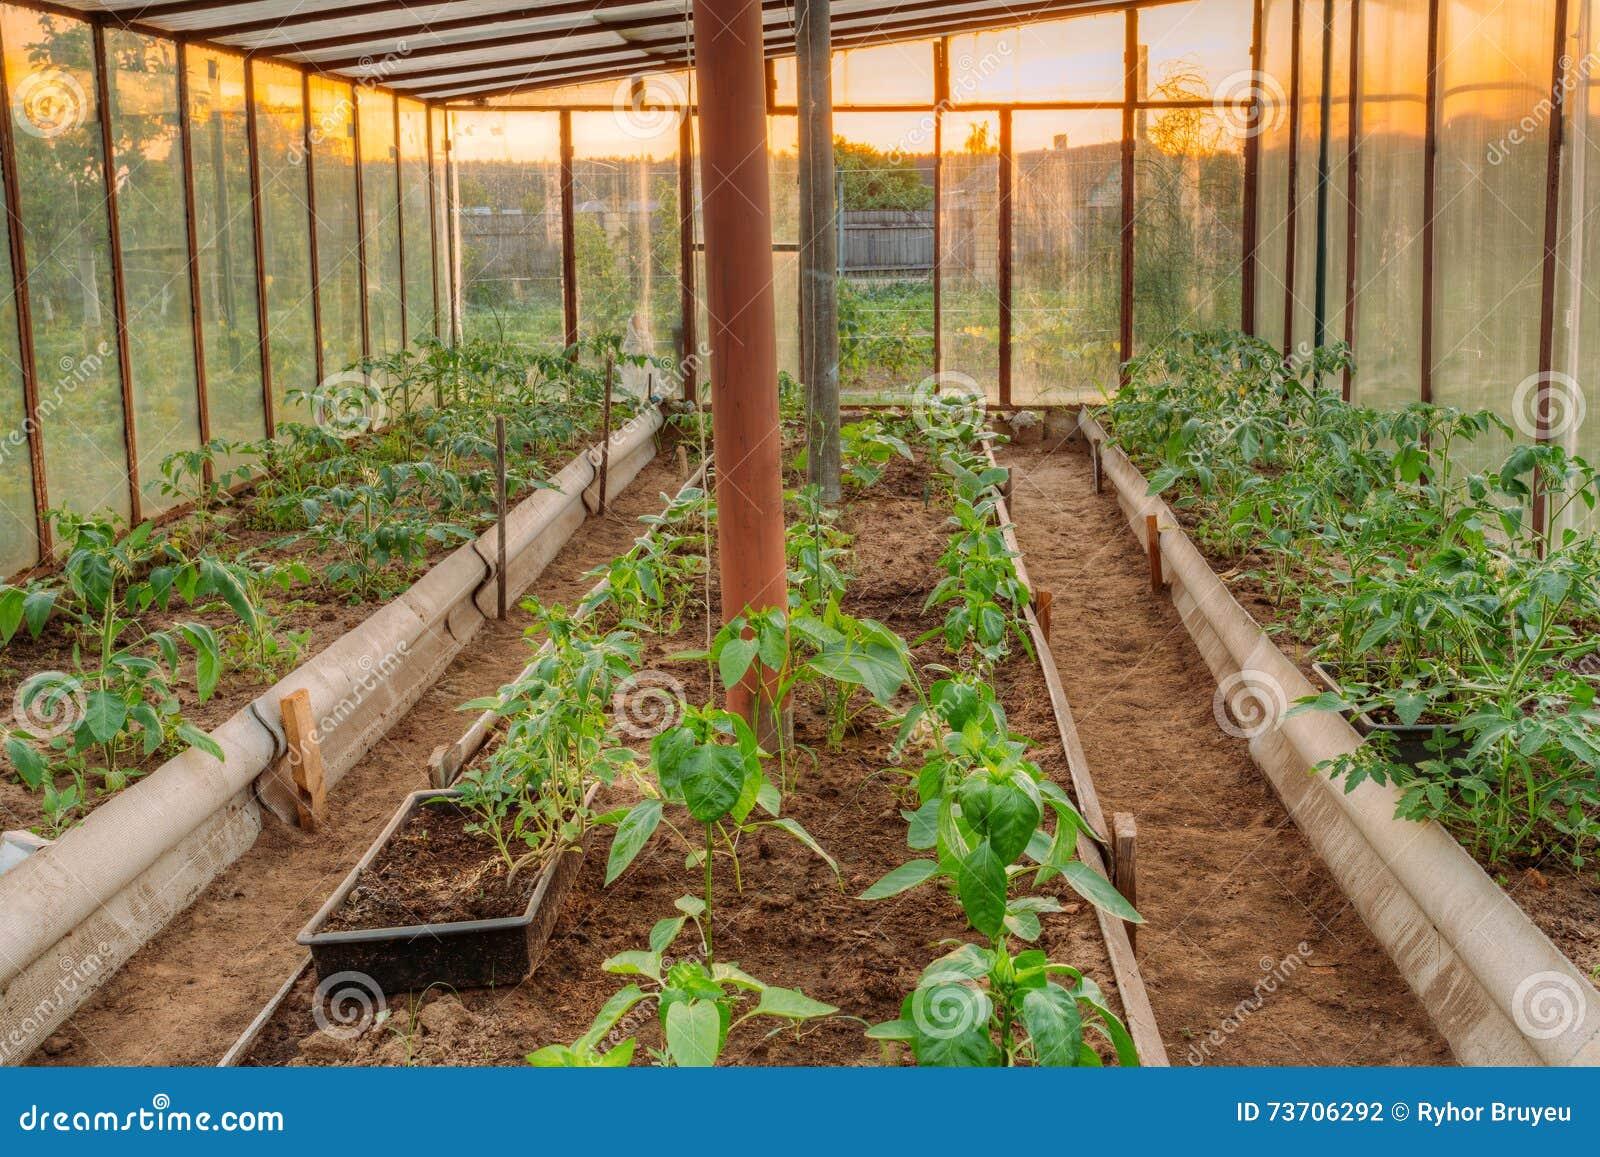 Tomaten Gemuse Zucht In Den Hochbeeten In Gemusegarten A Stockfoto